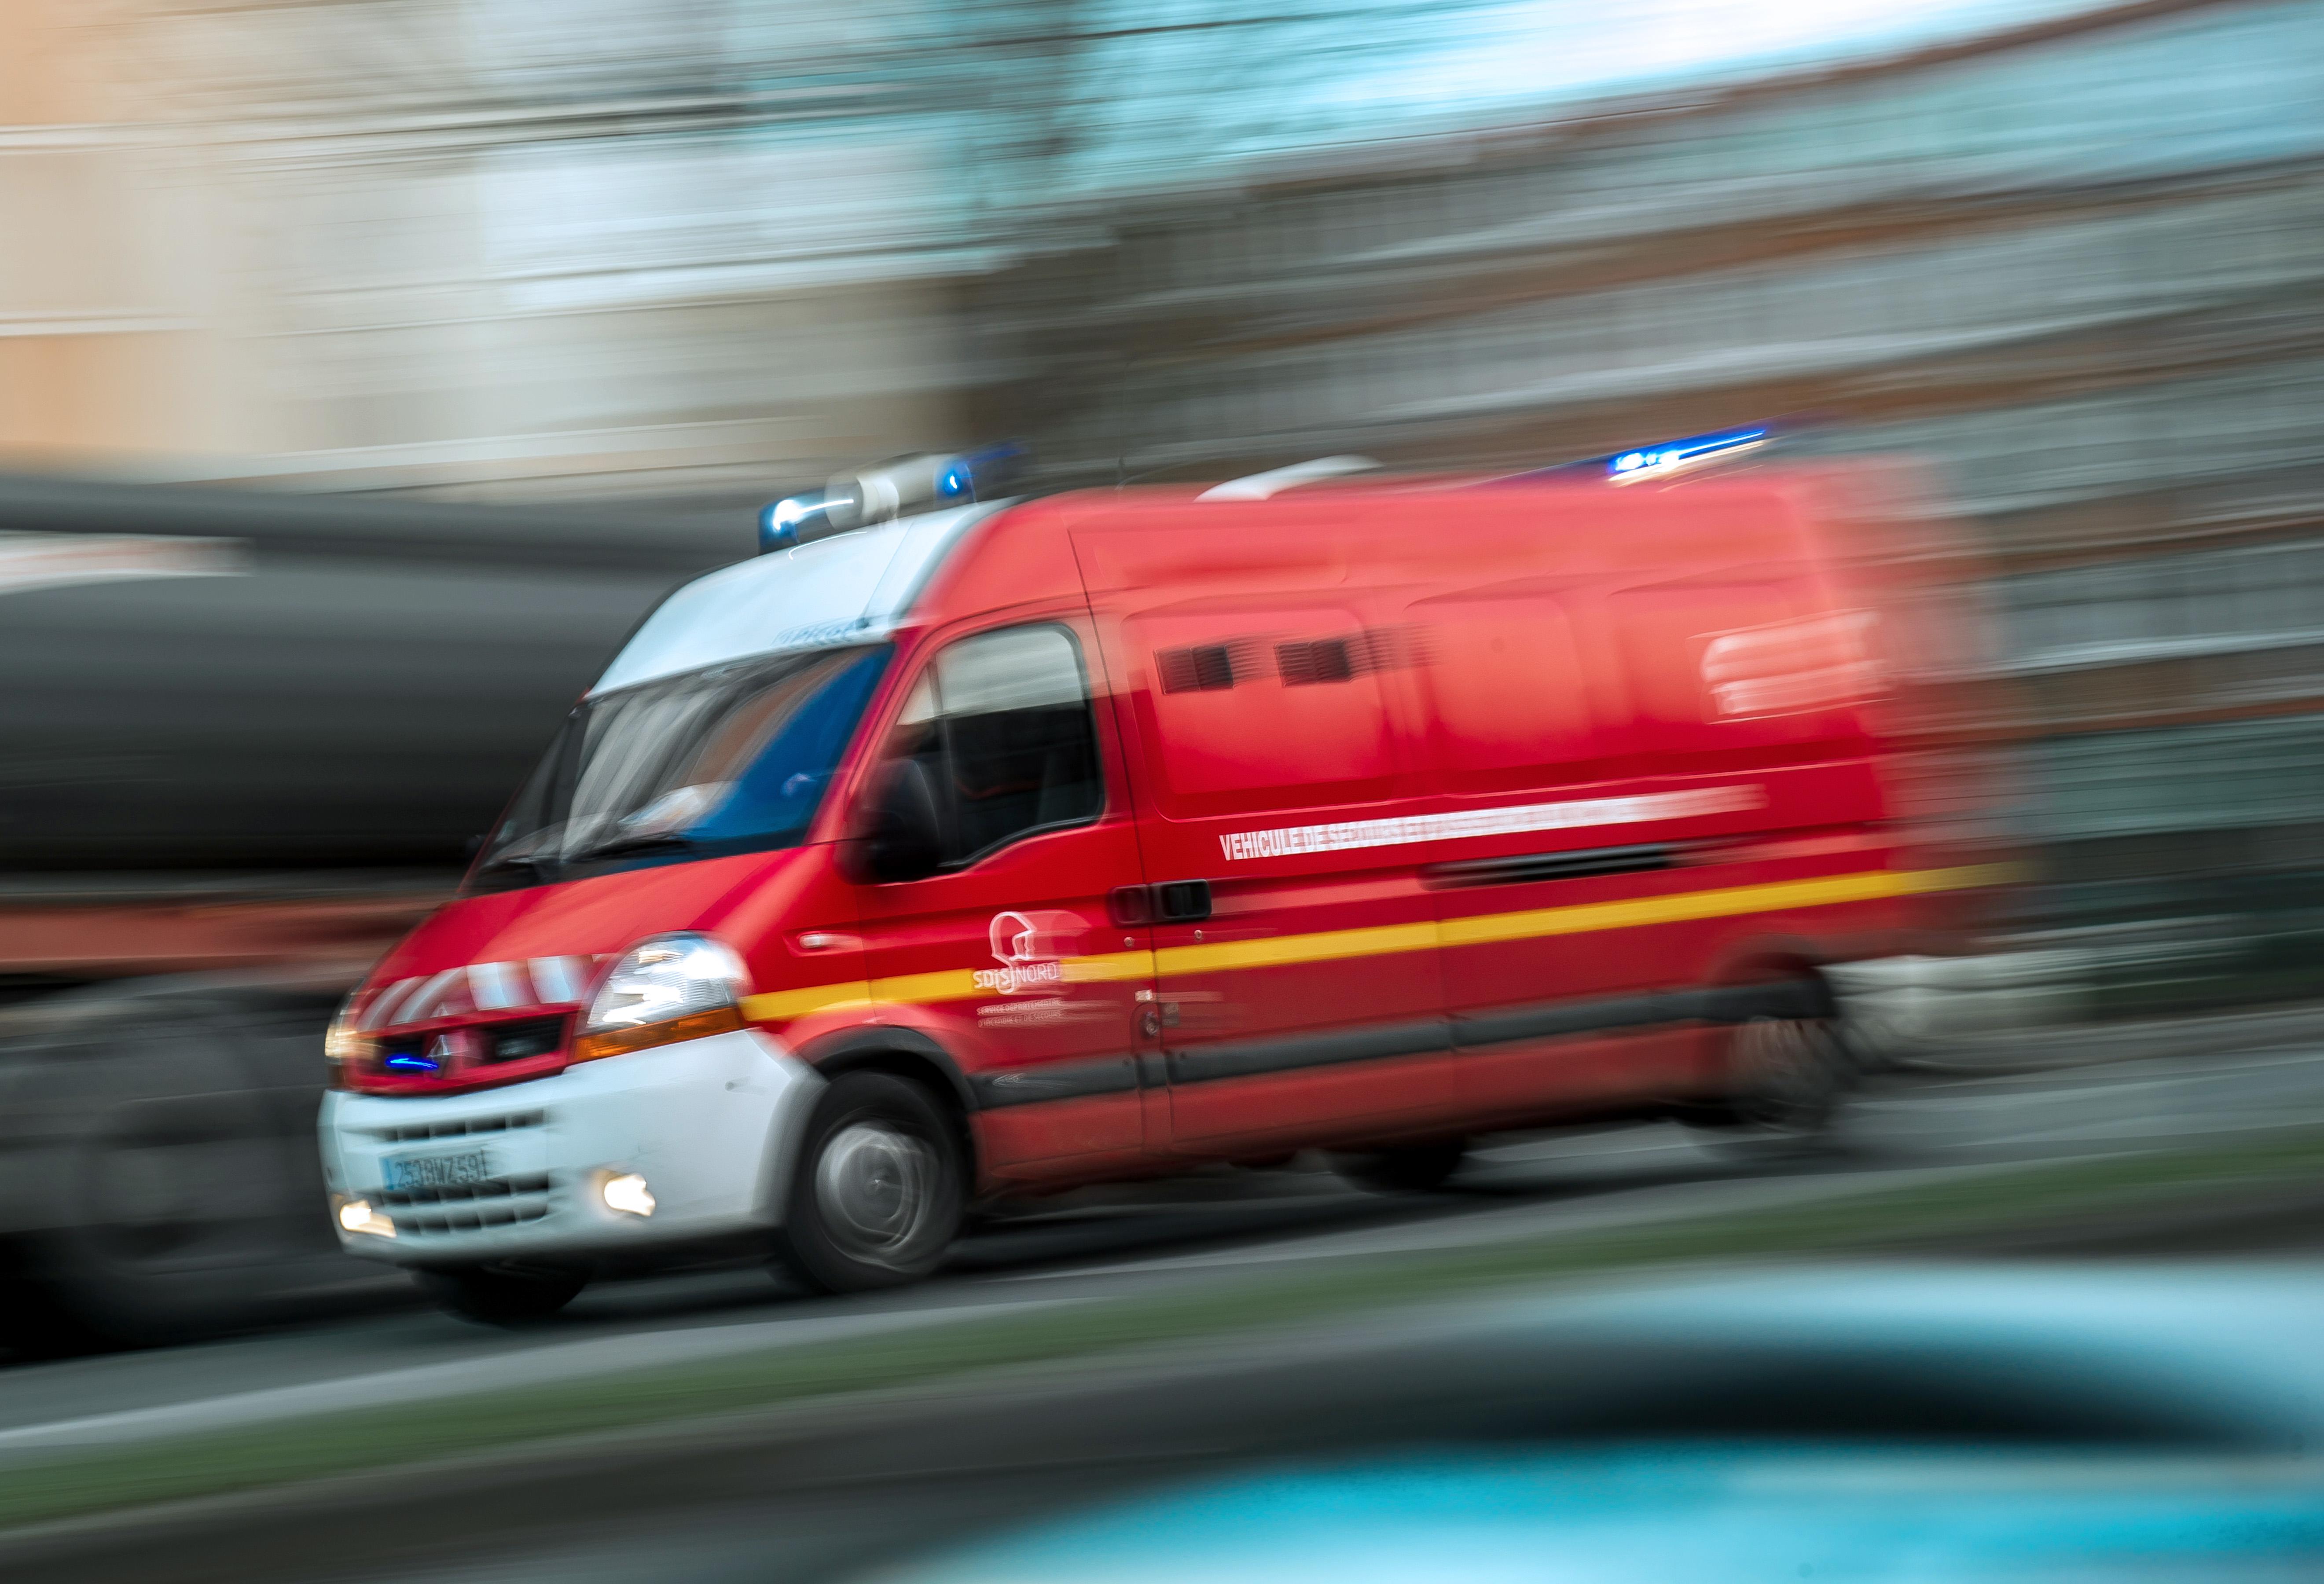 2 morts et 3 blessés dans un accident sur l'autoroute A9 — Nîmes